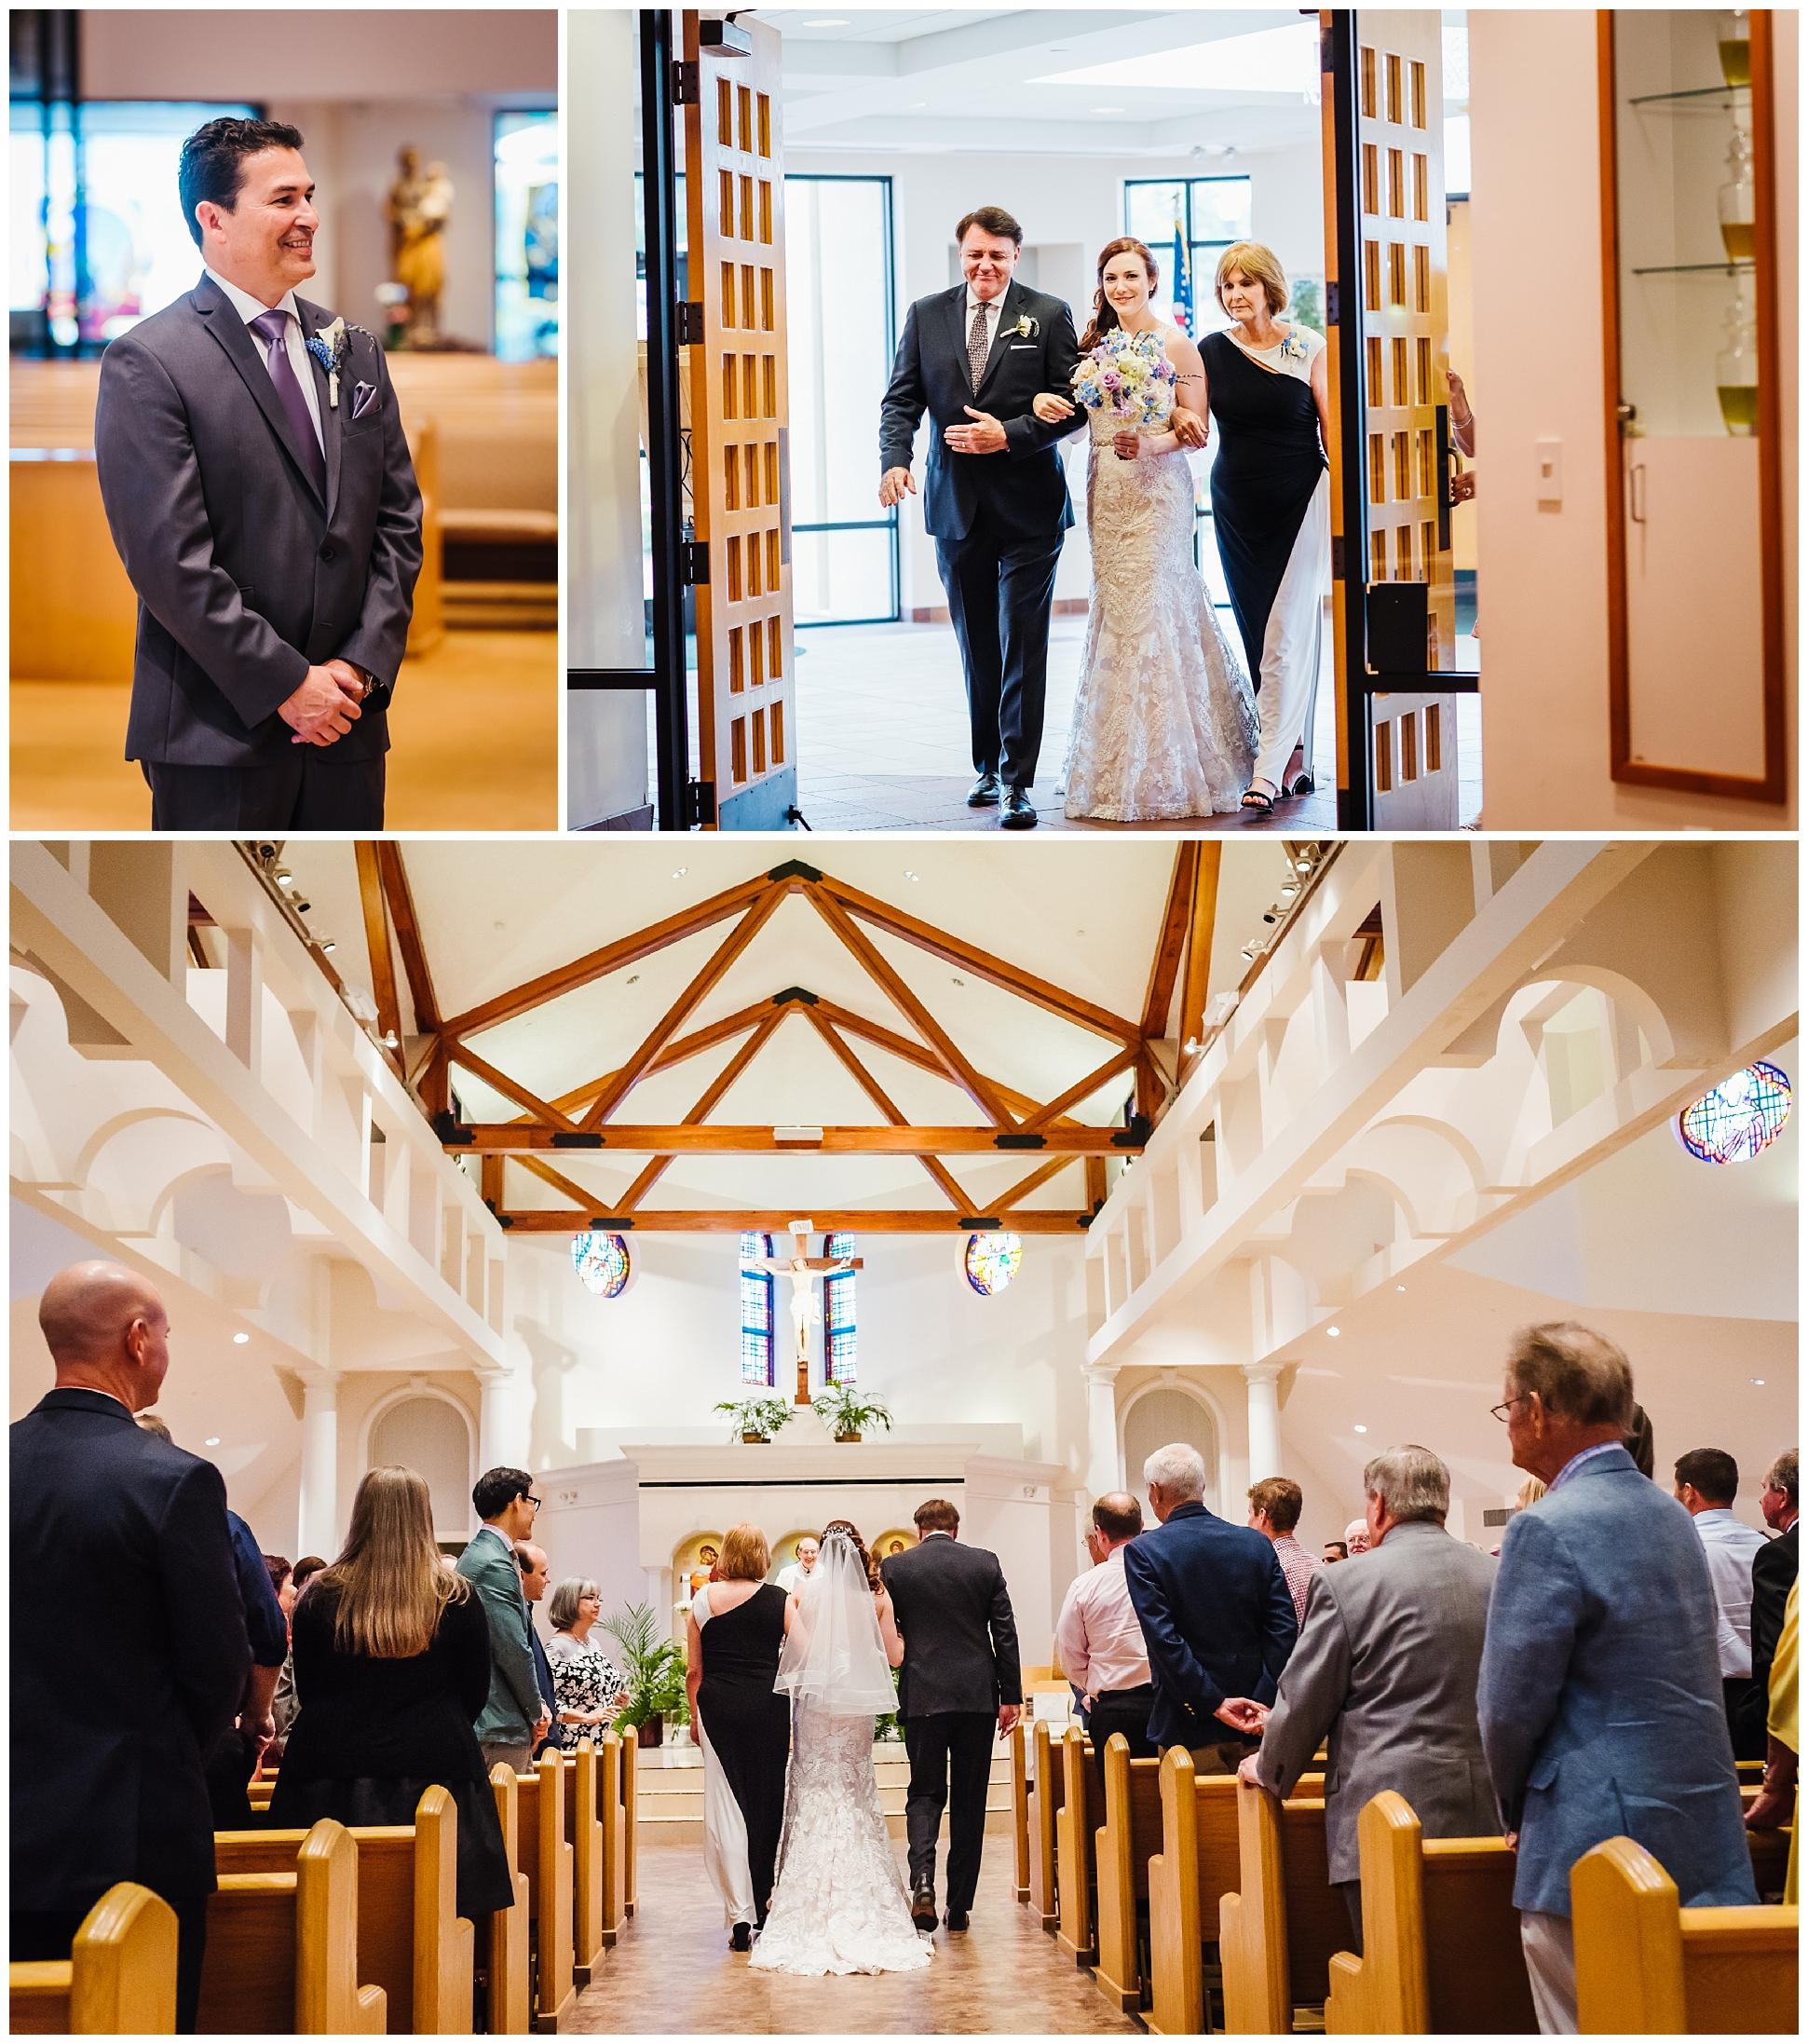 st-pete-wedding-photographer-nova-535-murals-downtown-lavendar_0019.jpg